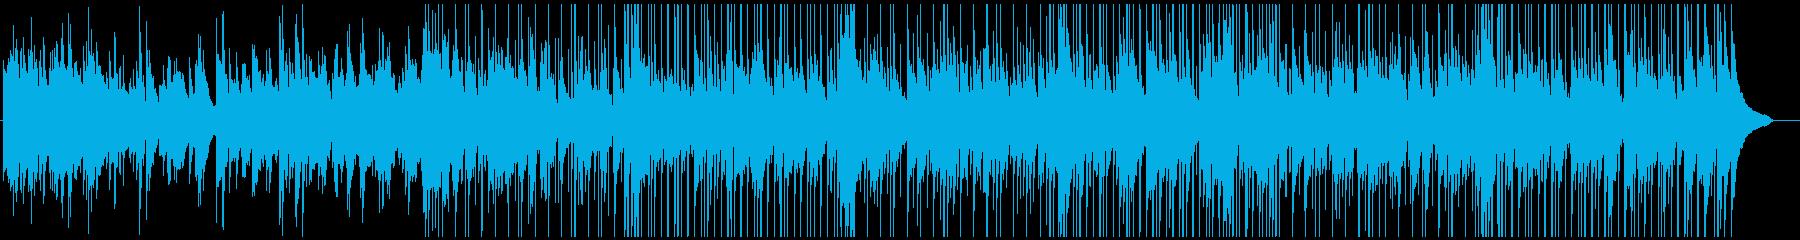 しっとりとしたピアノのカントリーバラードの再生済みの波形